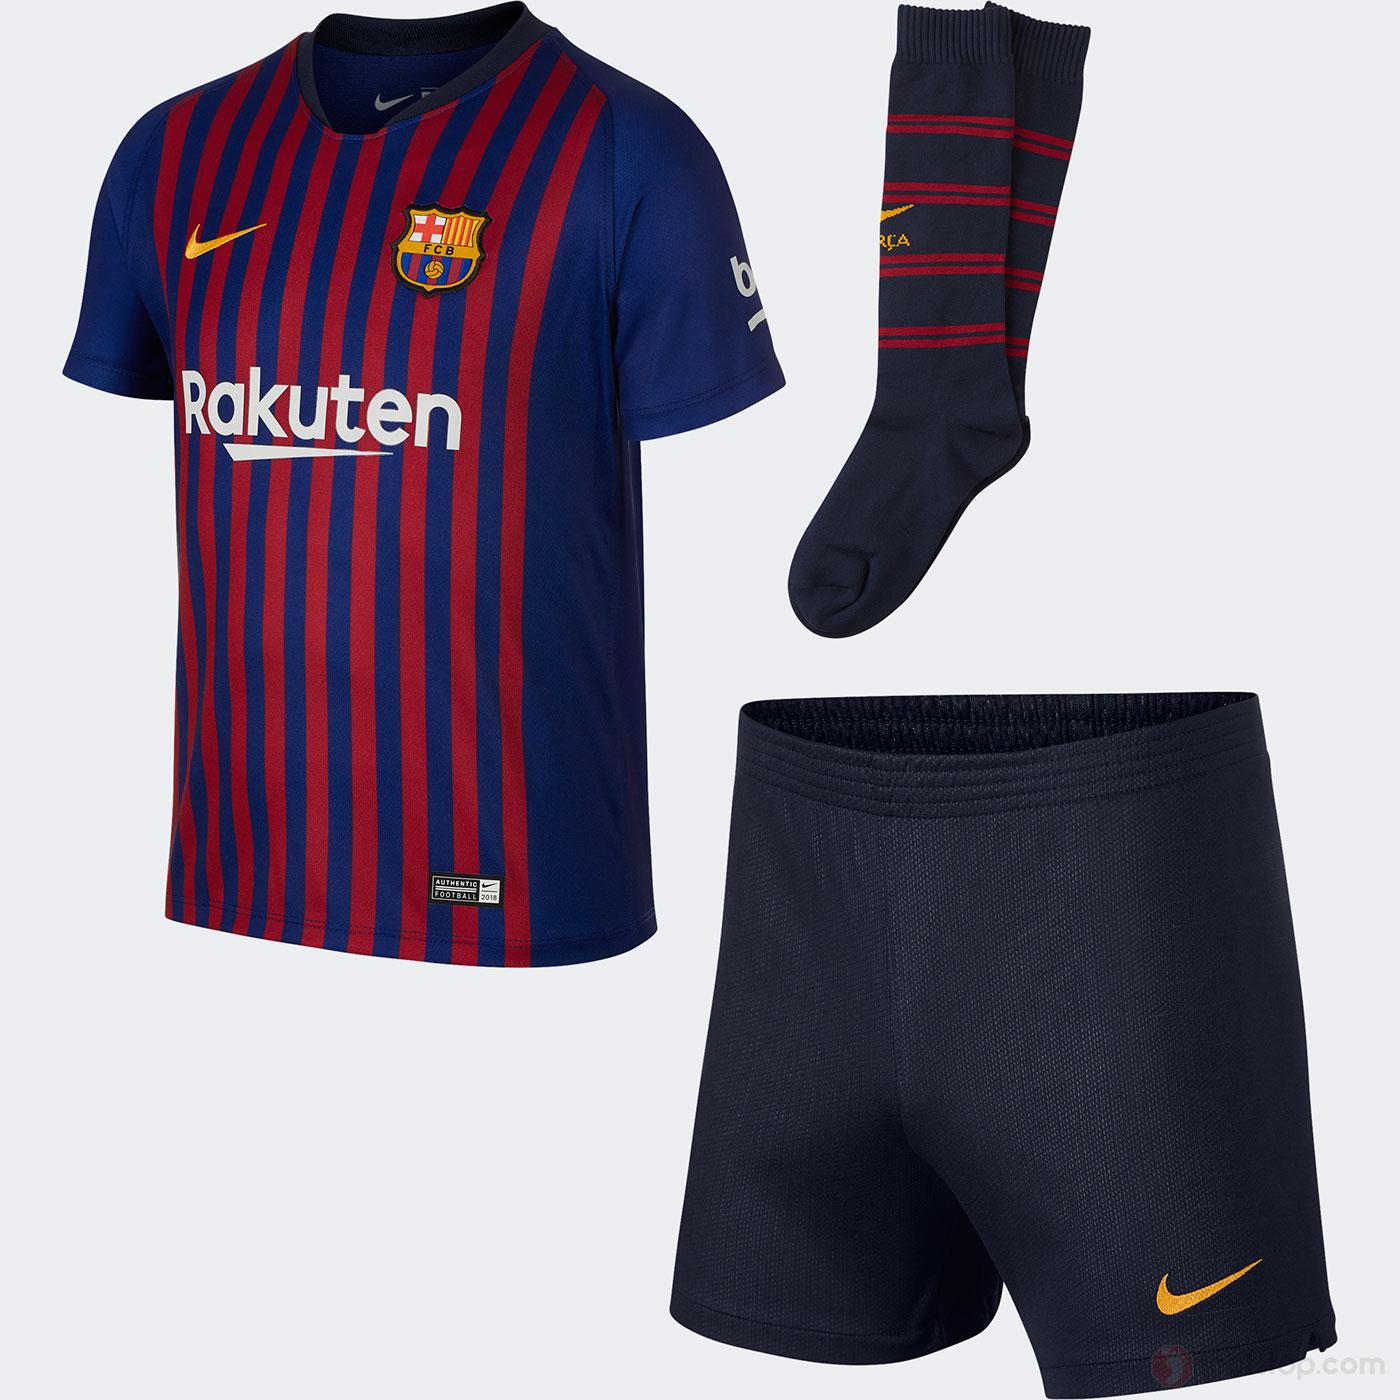 Home Ropa y equipaciones Equipaciones de fútbol. Nike Pack equipación niño  FC Barcelona local ... 67d20602099